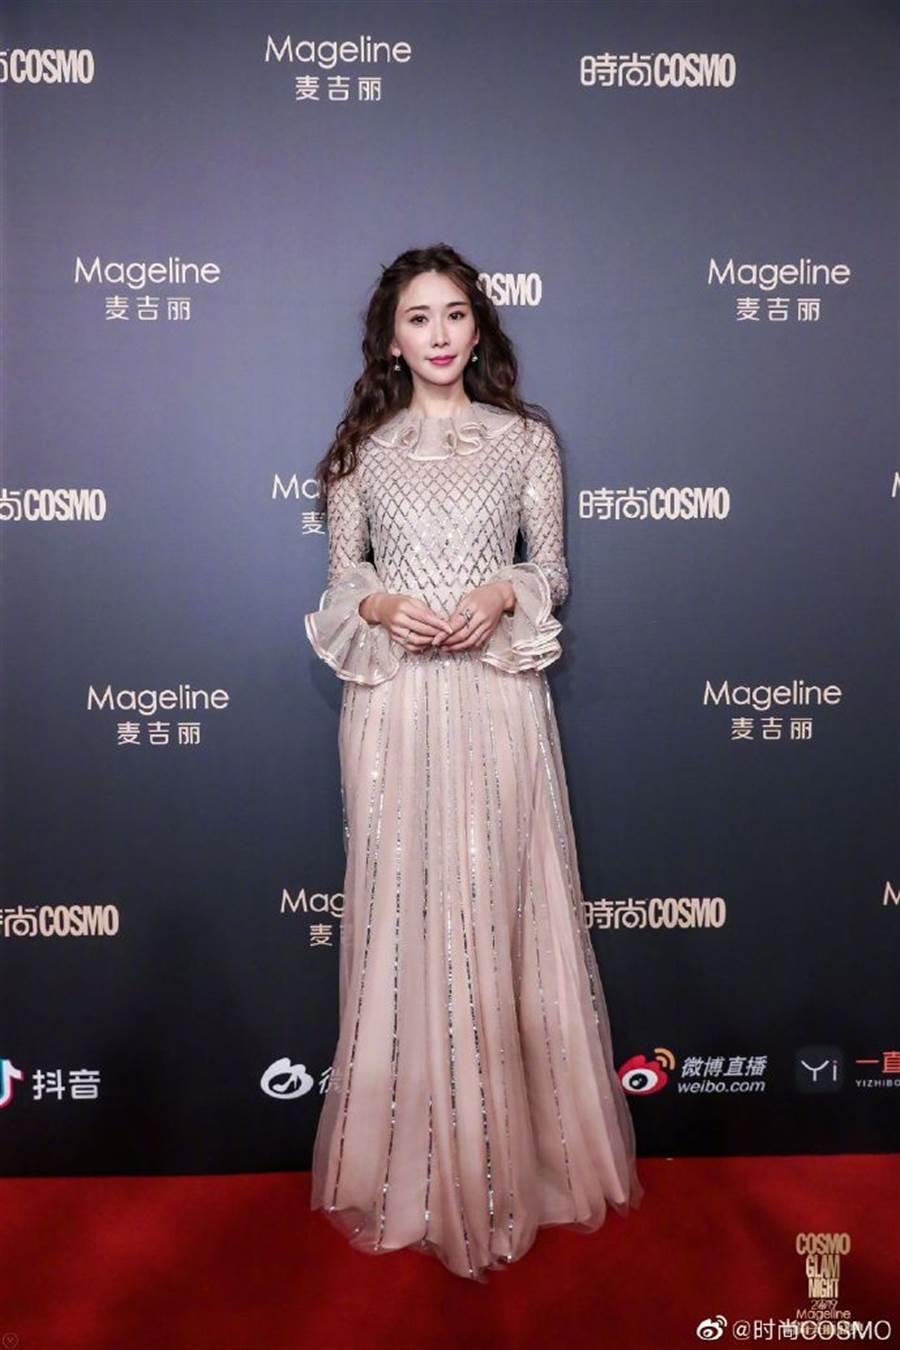 林志玲3日出席時尚活動。(圖/翻攝自時尚COSMO微博)